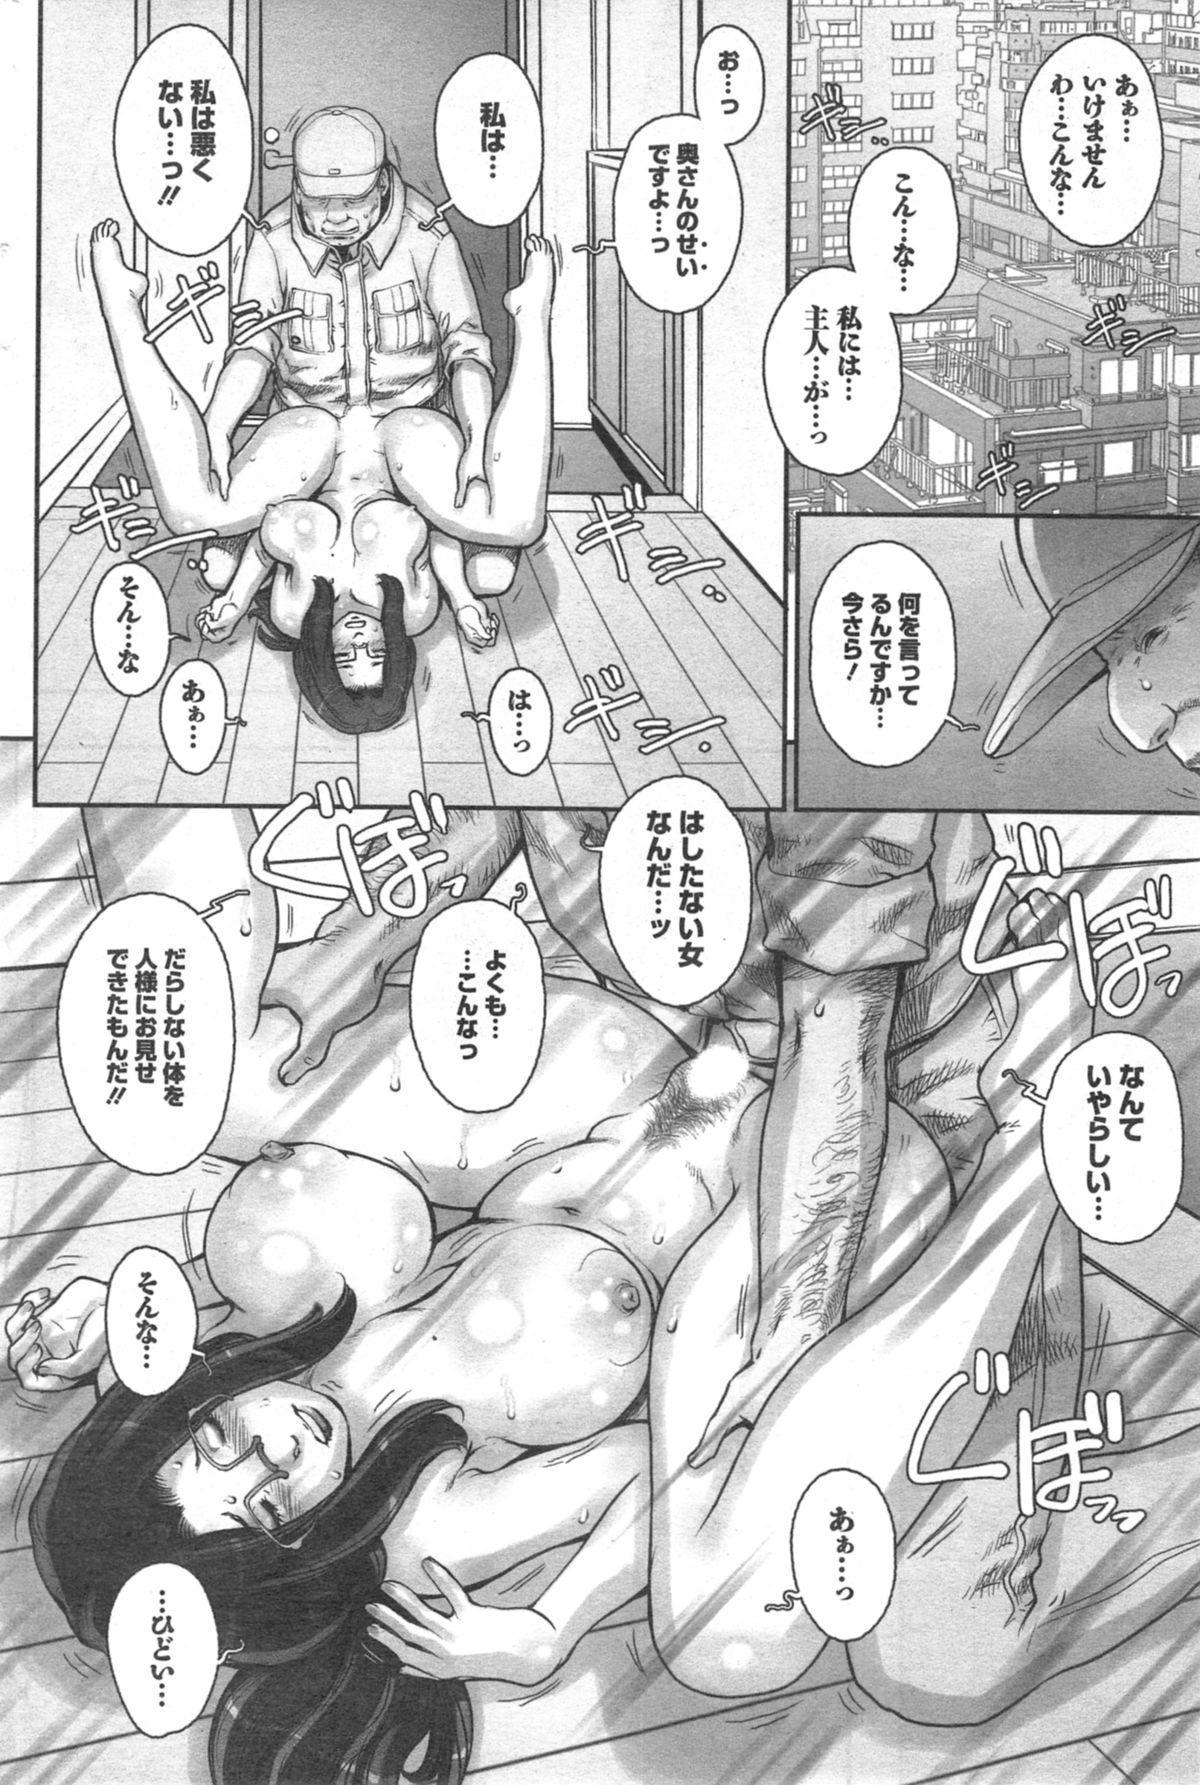 Ōse no mama ni Ch.3 9